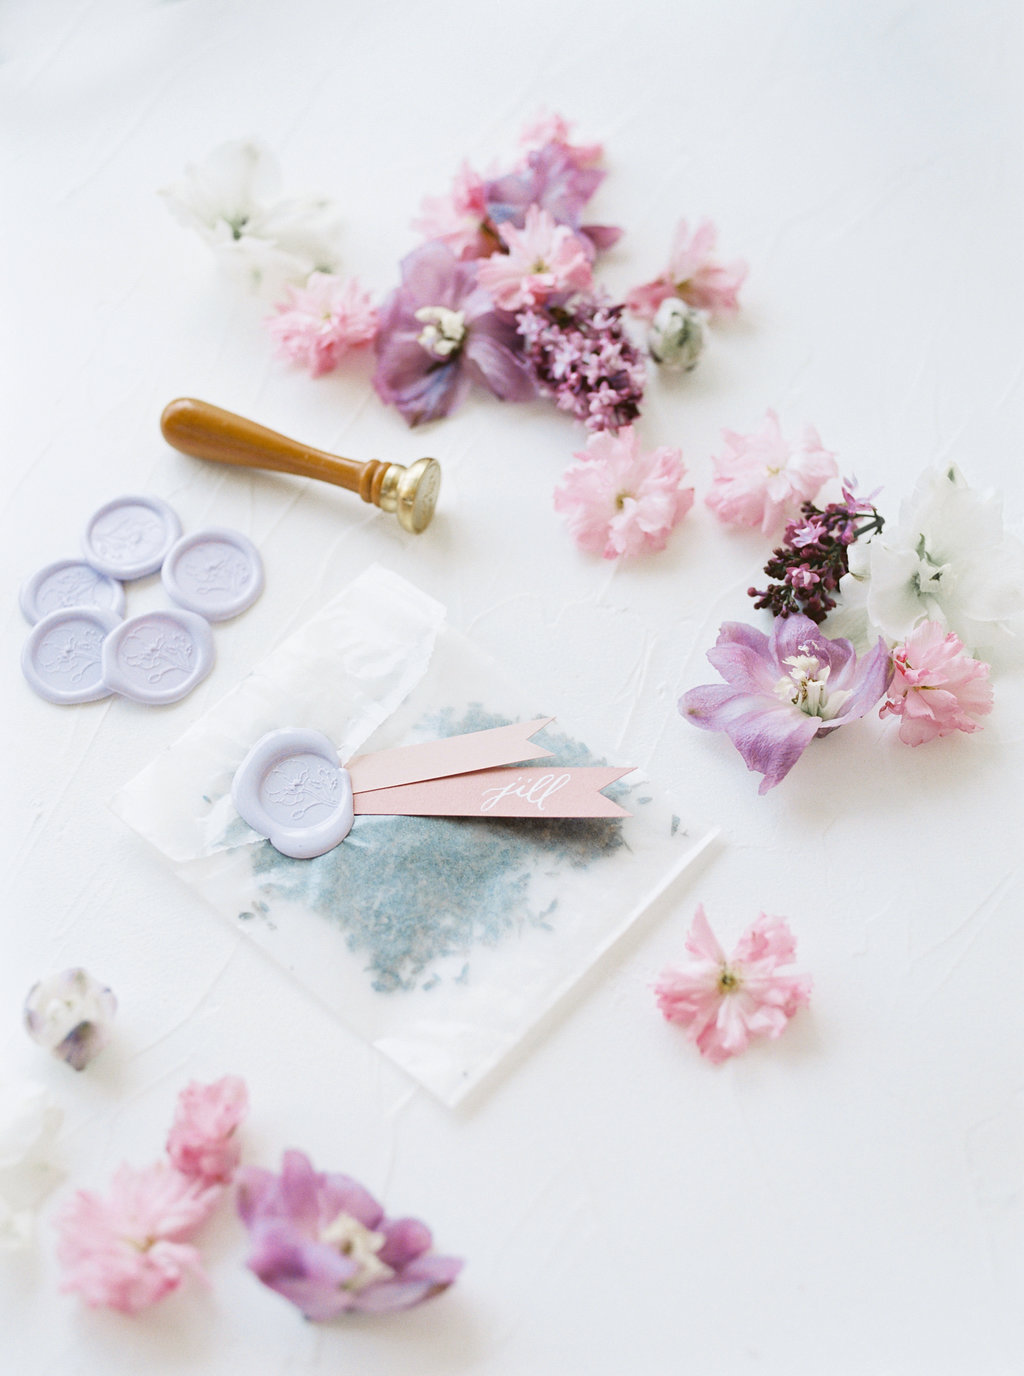 FloralBrickEditorialNatalieSchuttPhotography-1.JPG